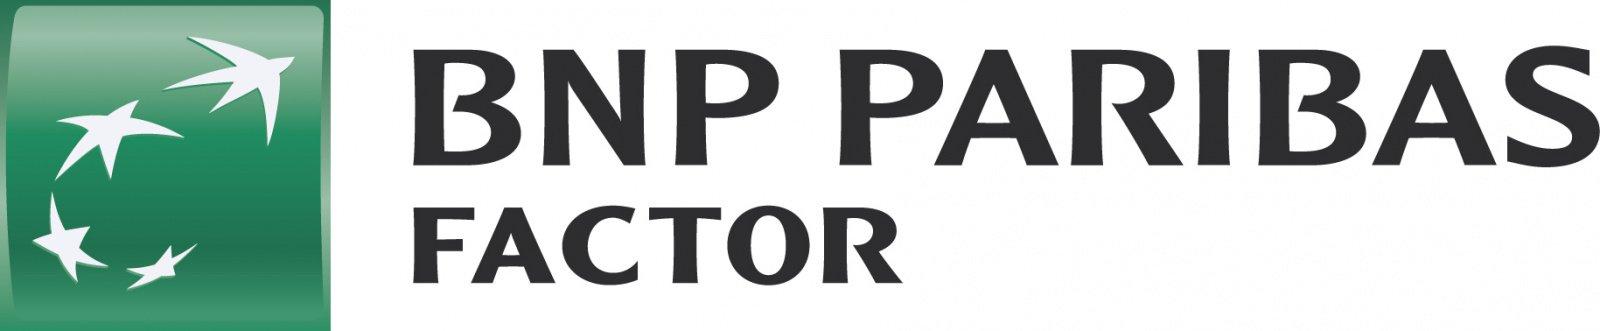 bnp_factor_2020